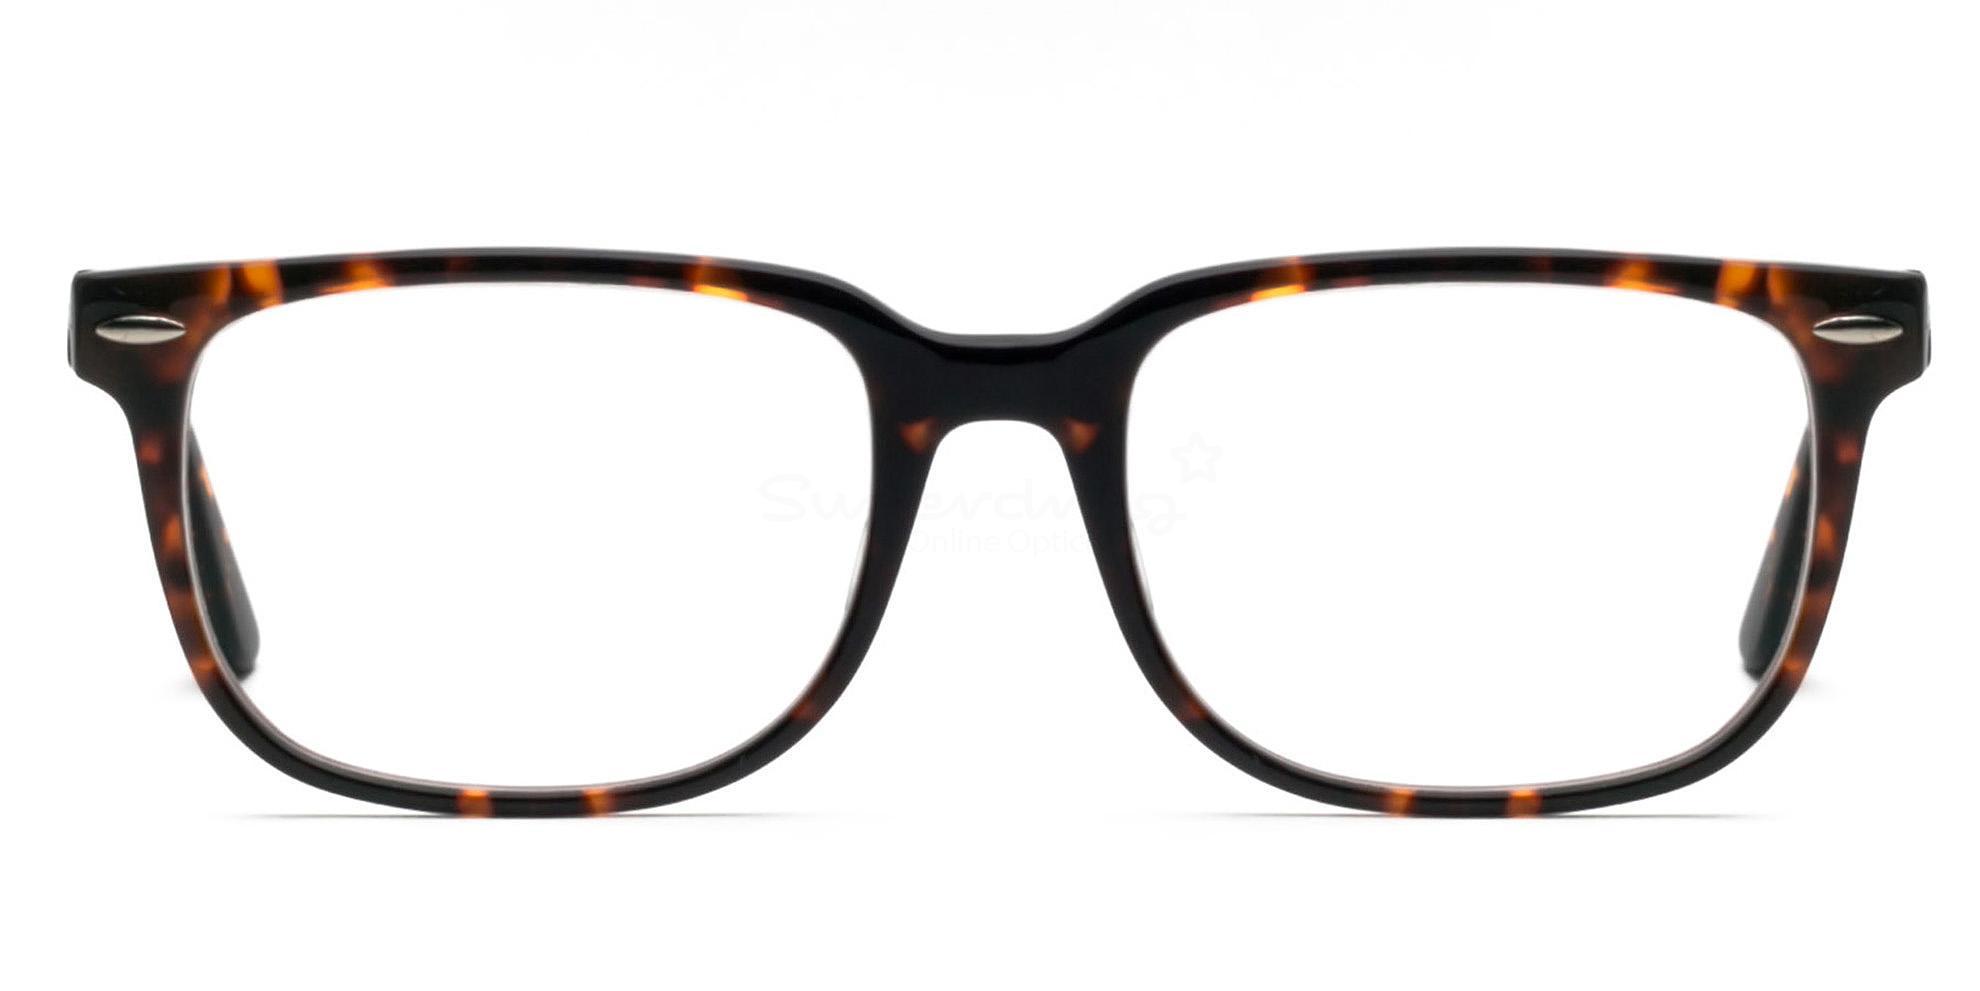 C003 E9855 Glasses, Immense